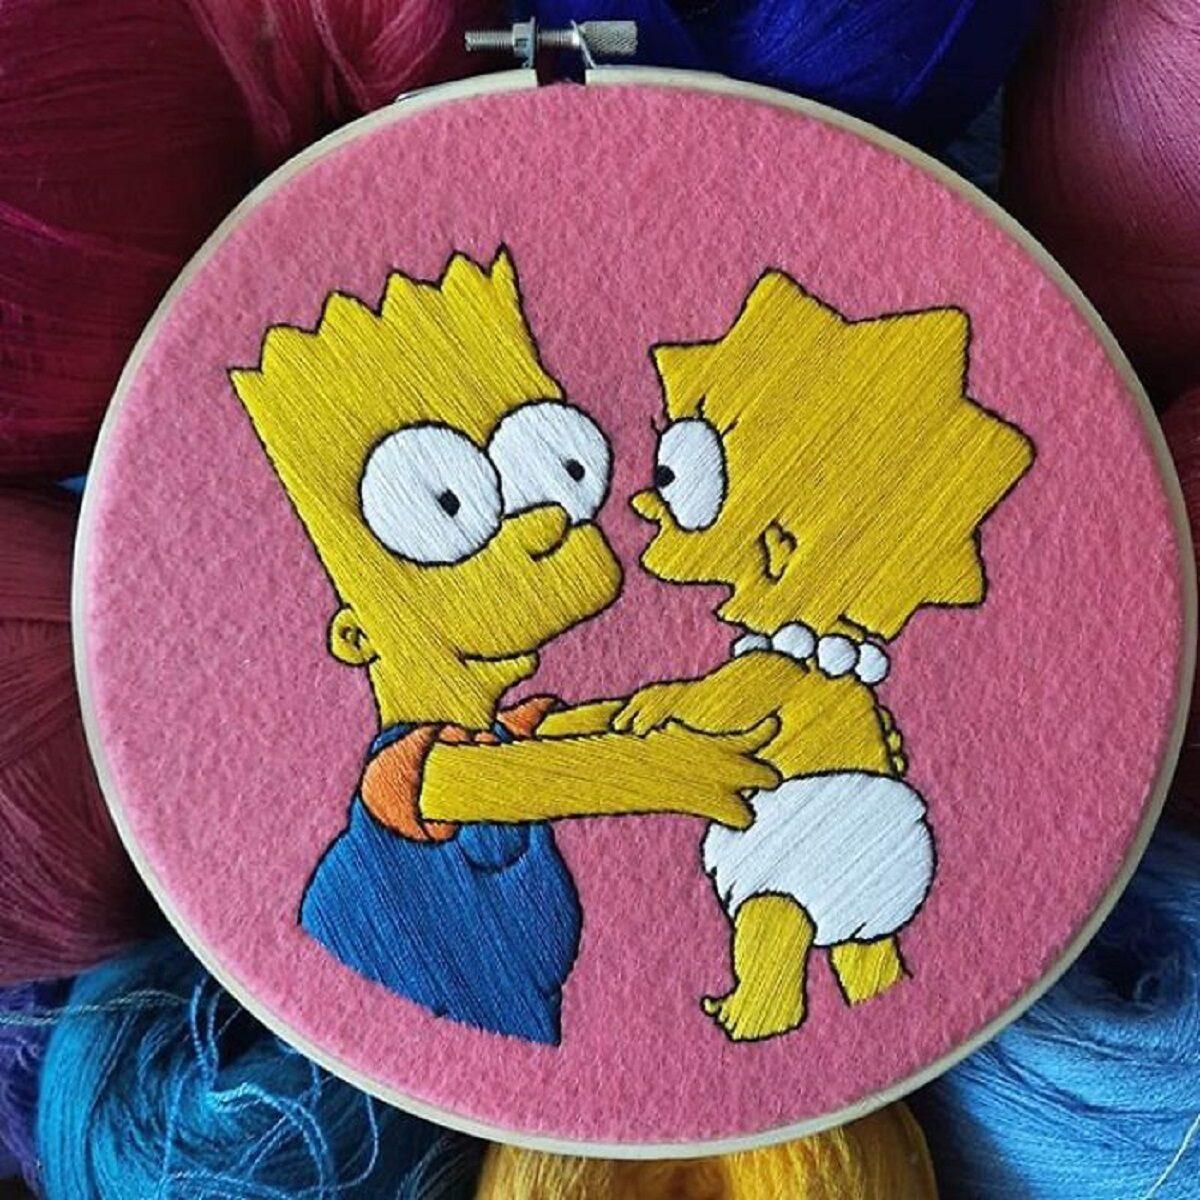 Artista Gabriela Martinez cria bordados de cenas de Os Simpsons 30